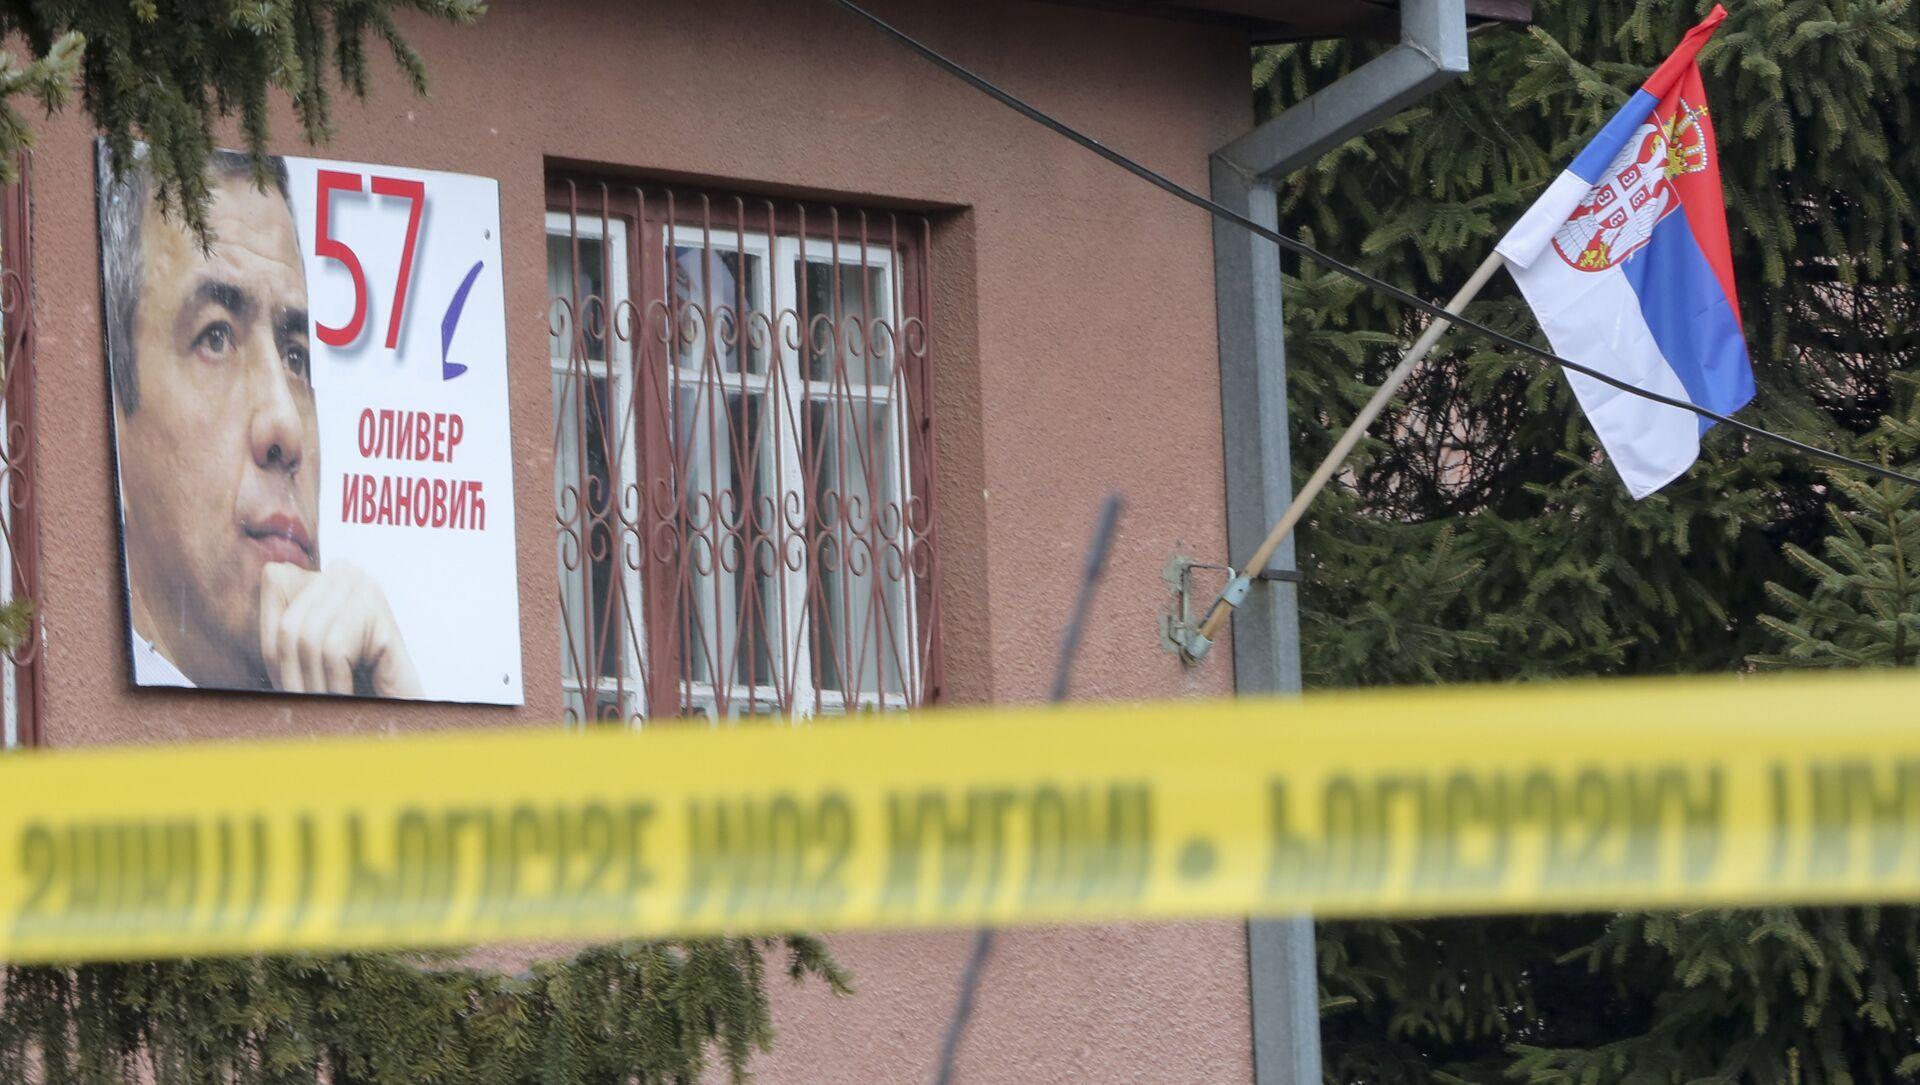 Policijska traka ispred kuće gde je ubijen Oliver Ivanović u Kosovskoj Mitrovici. - Sputnik Srbija, 1920, 05.02.2021